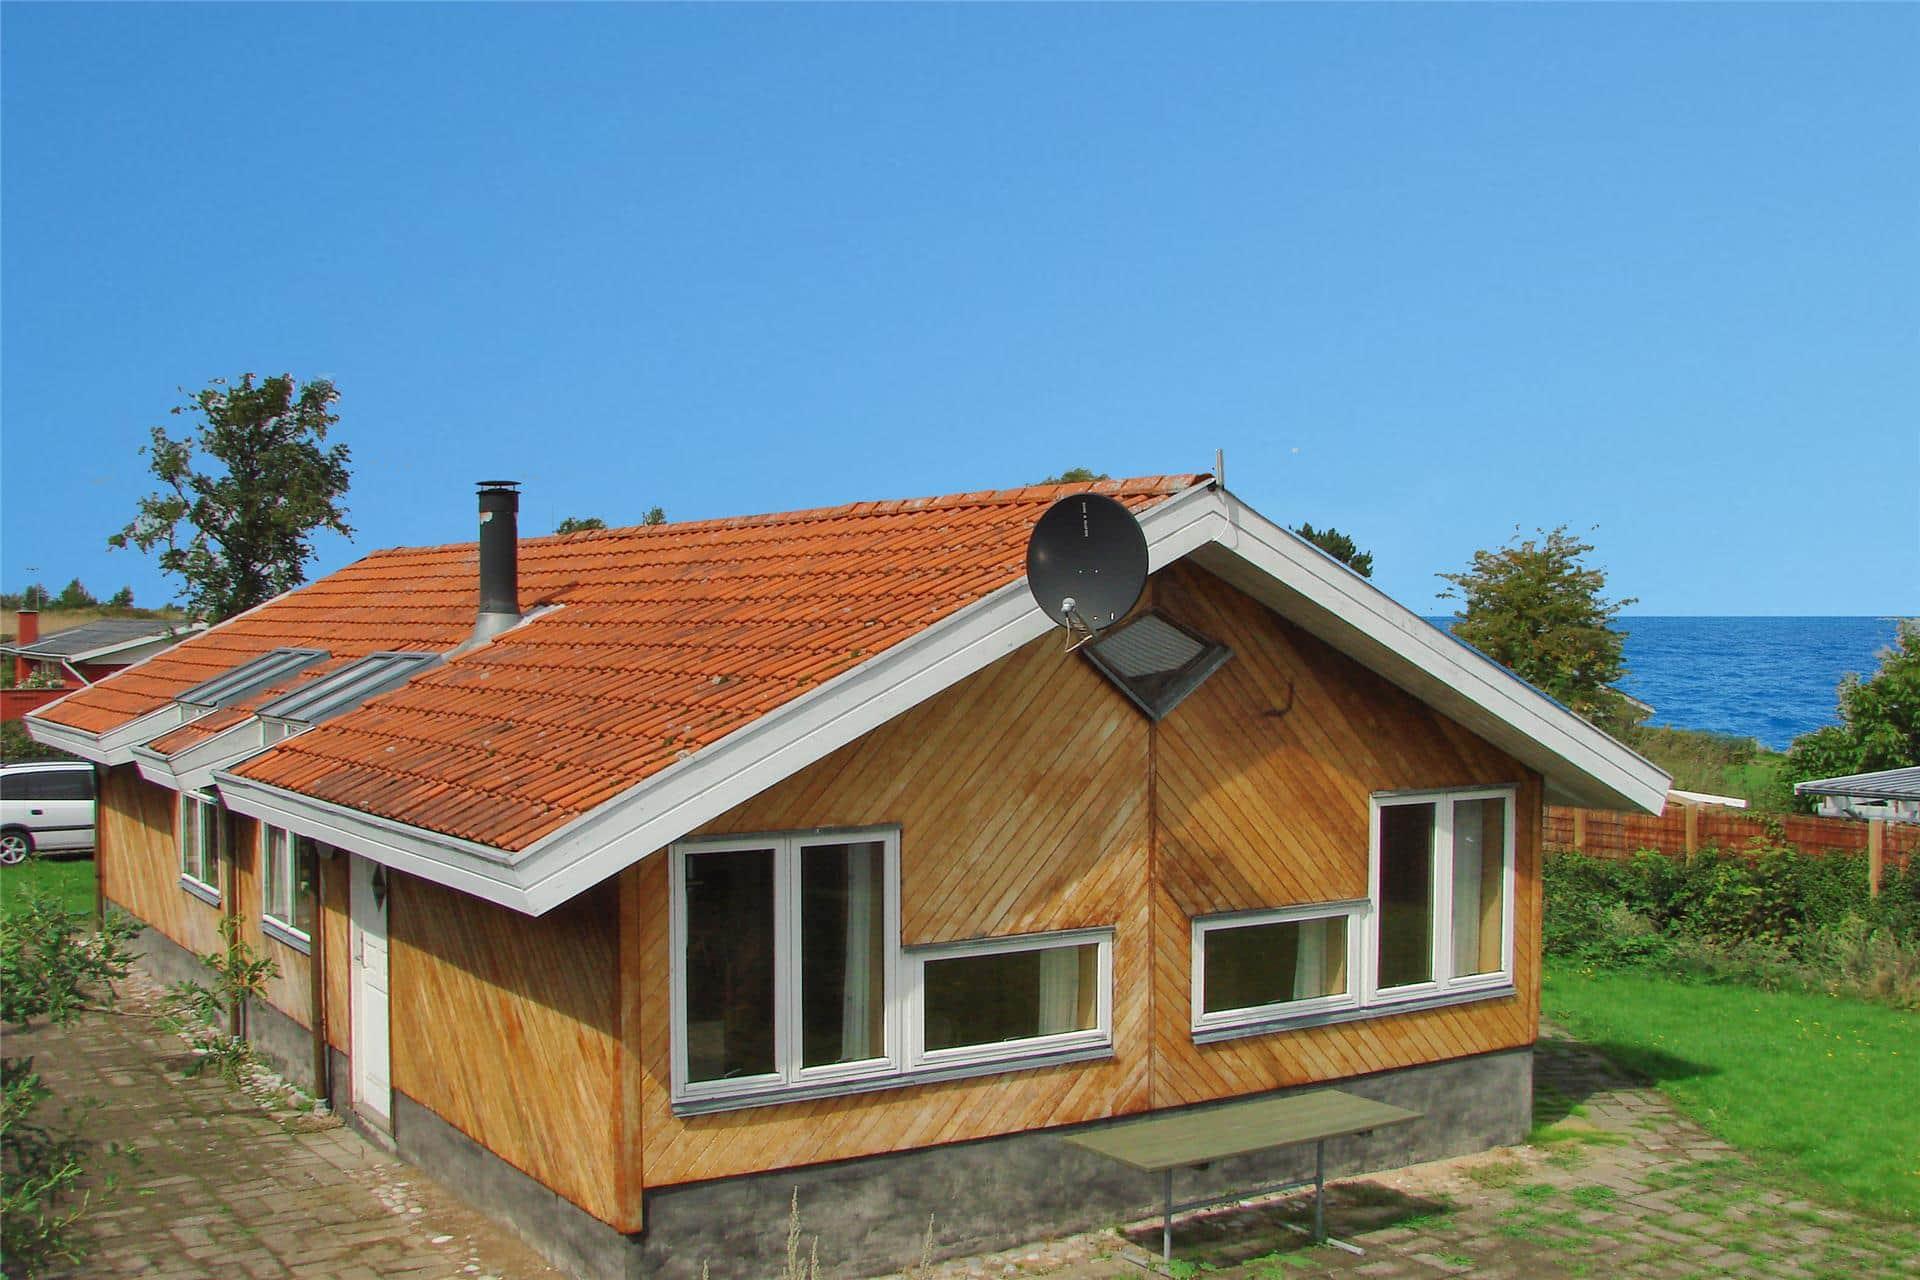 Afbeelding 1-3 Vakantiehuis M66620, Madehøjvej 18, DK - 5370 Mesinge